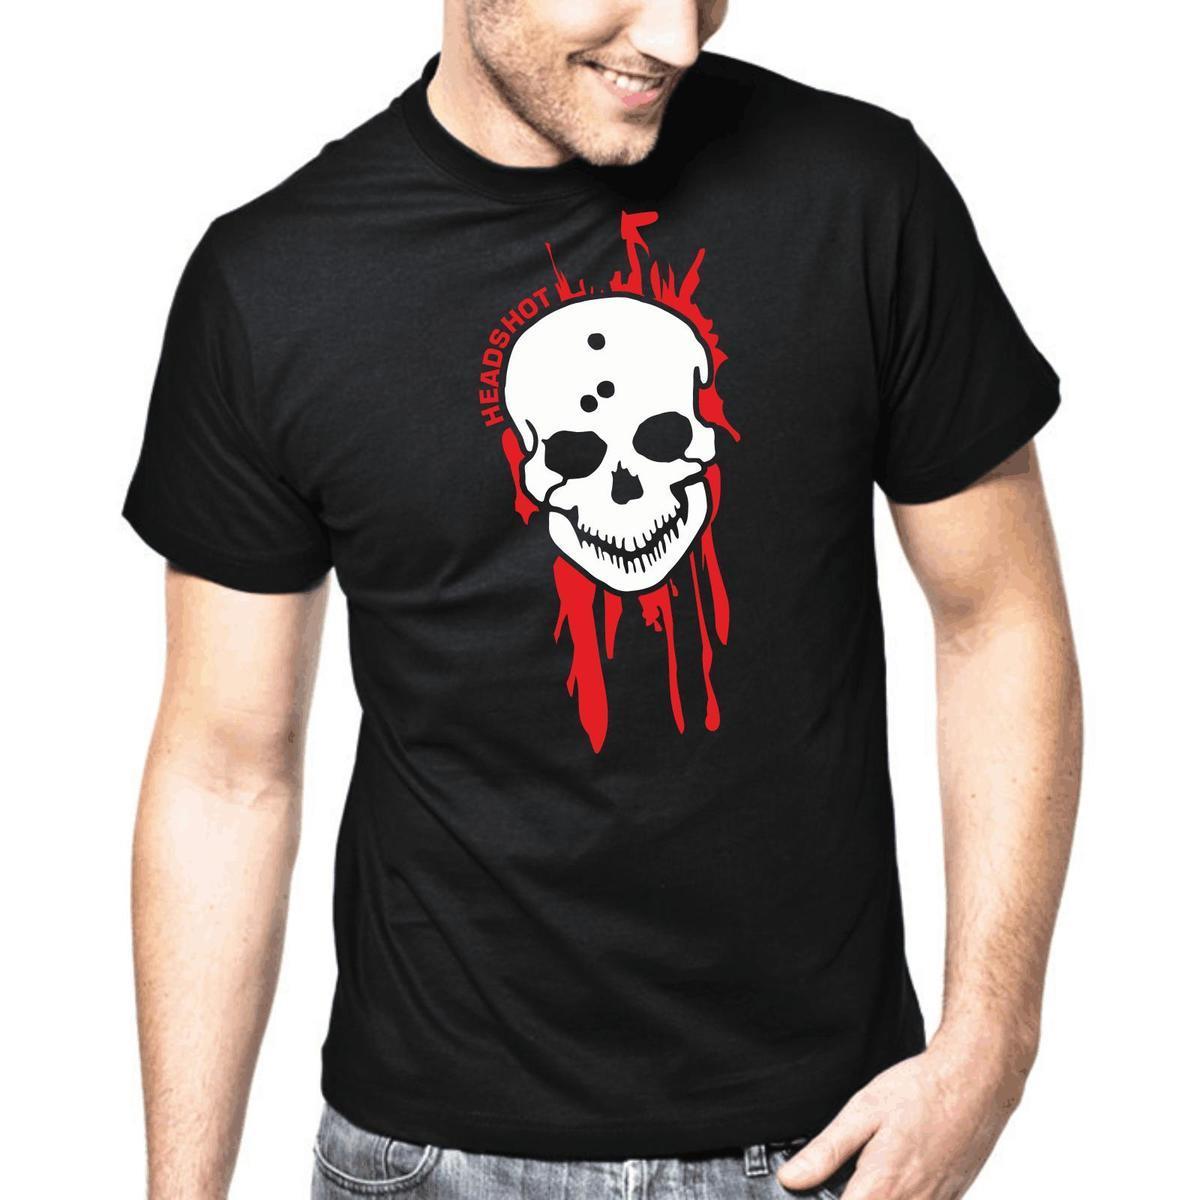 A Shooter Xxl com Gamer 08 Dal 12 T Dhgate Horror Ego Lijian042 Skull S Shirt Headshot Acquista Totenkopf q8EPw